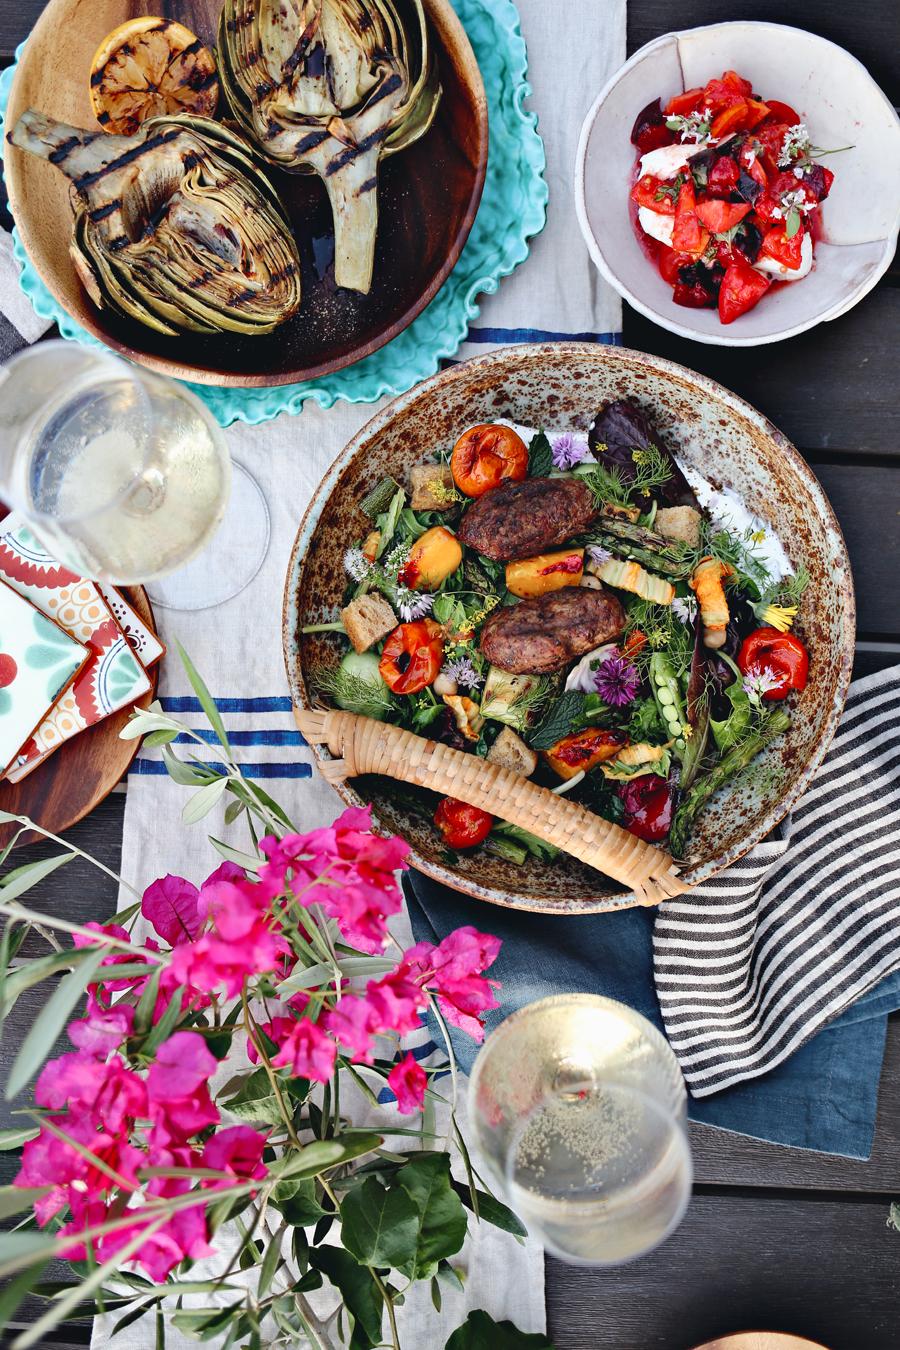 01_Grilled-Fattoush-Salad-With-Vinho-Verde.jpg